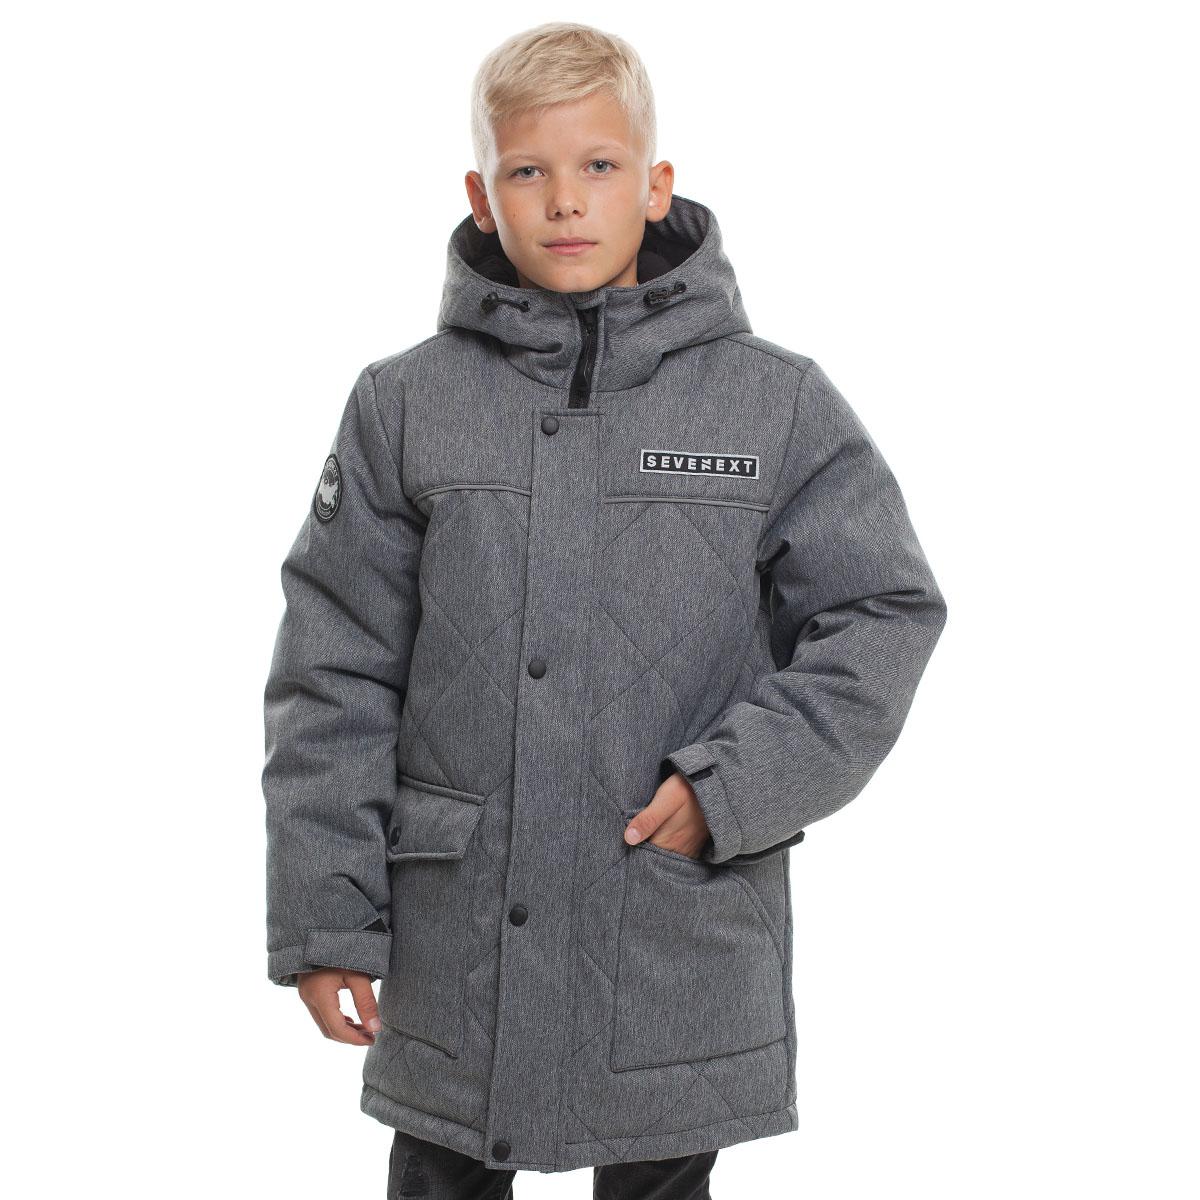 Куртка утепленная, КЮС куртка утепленная bazioni bazioni mp002xm0qszm